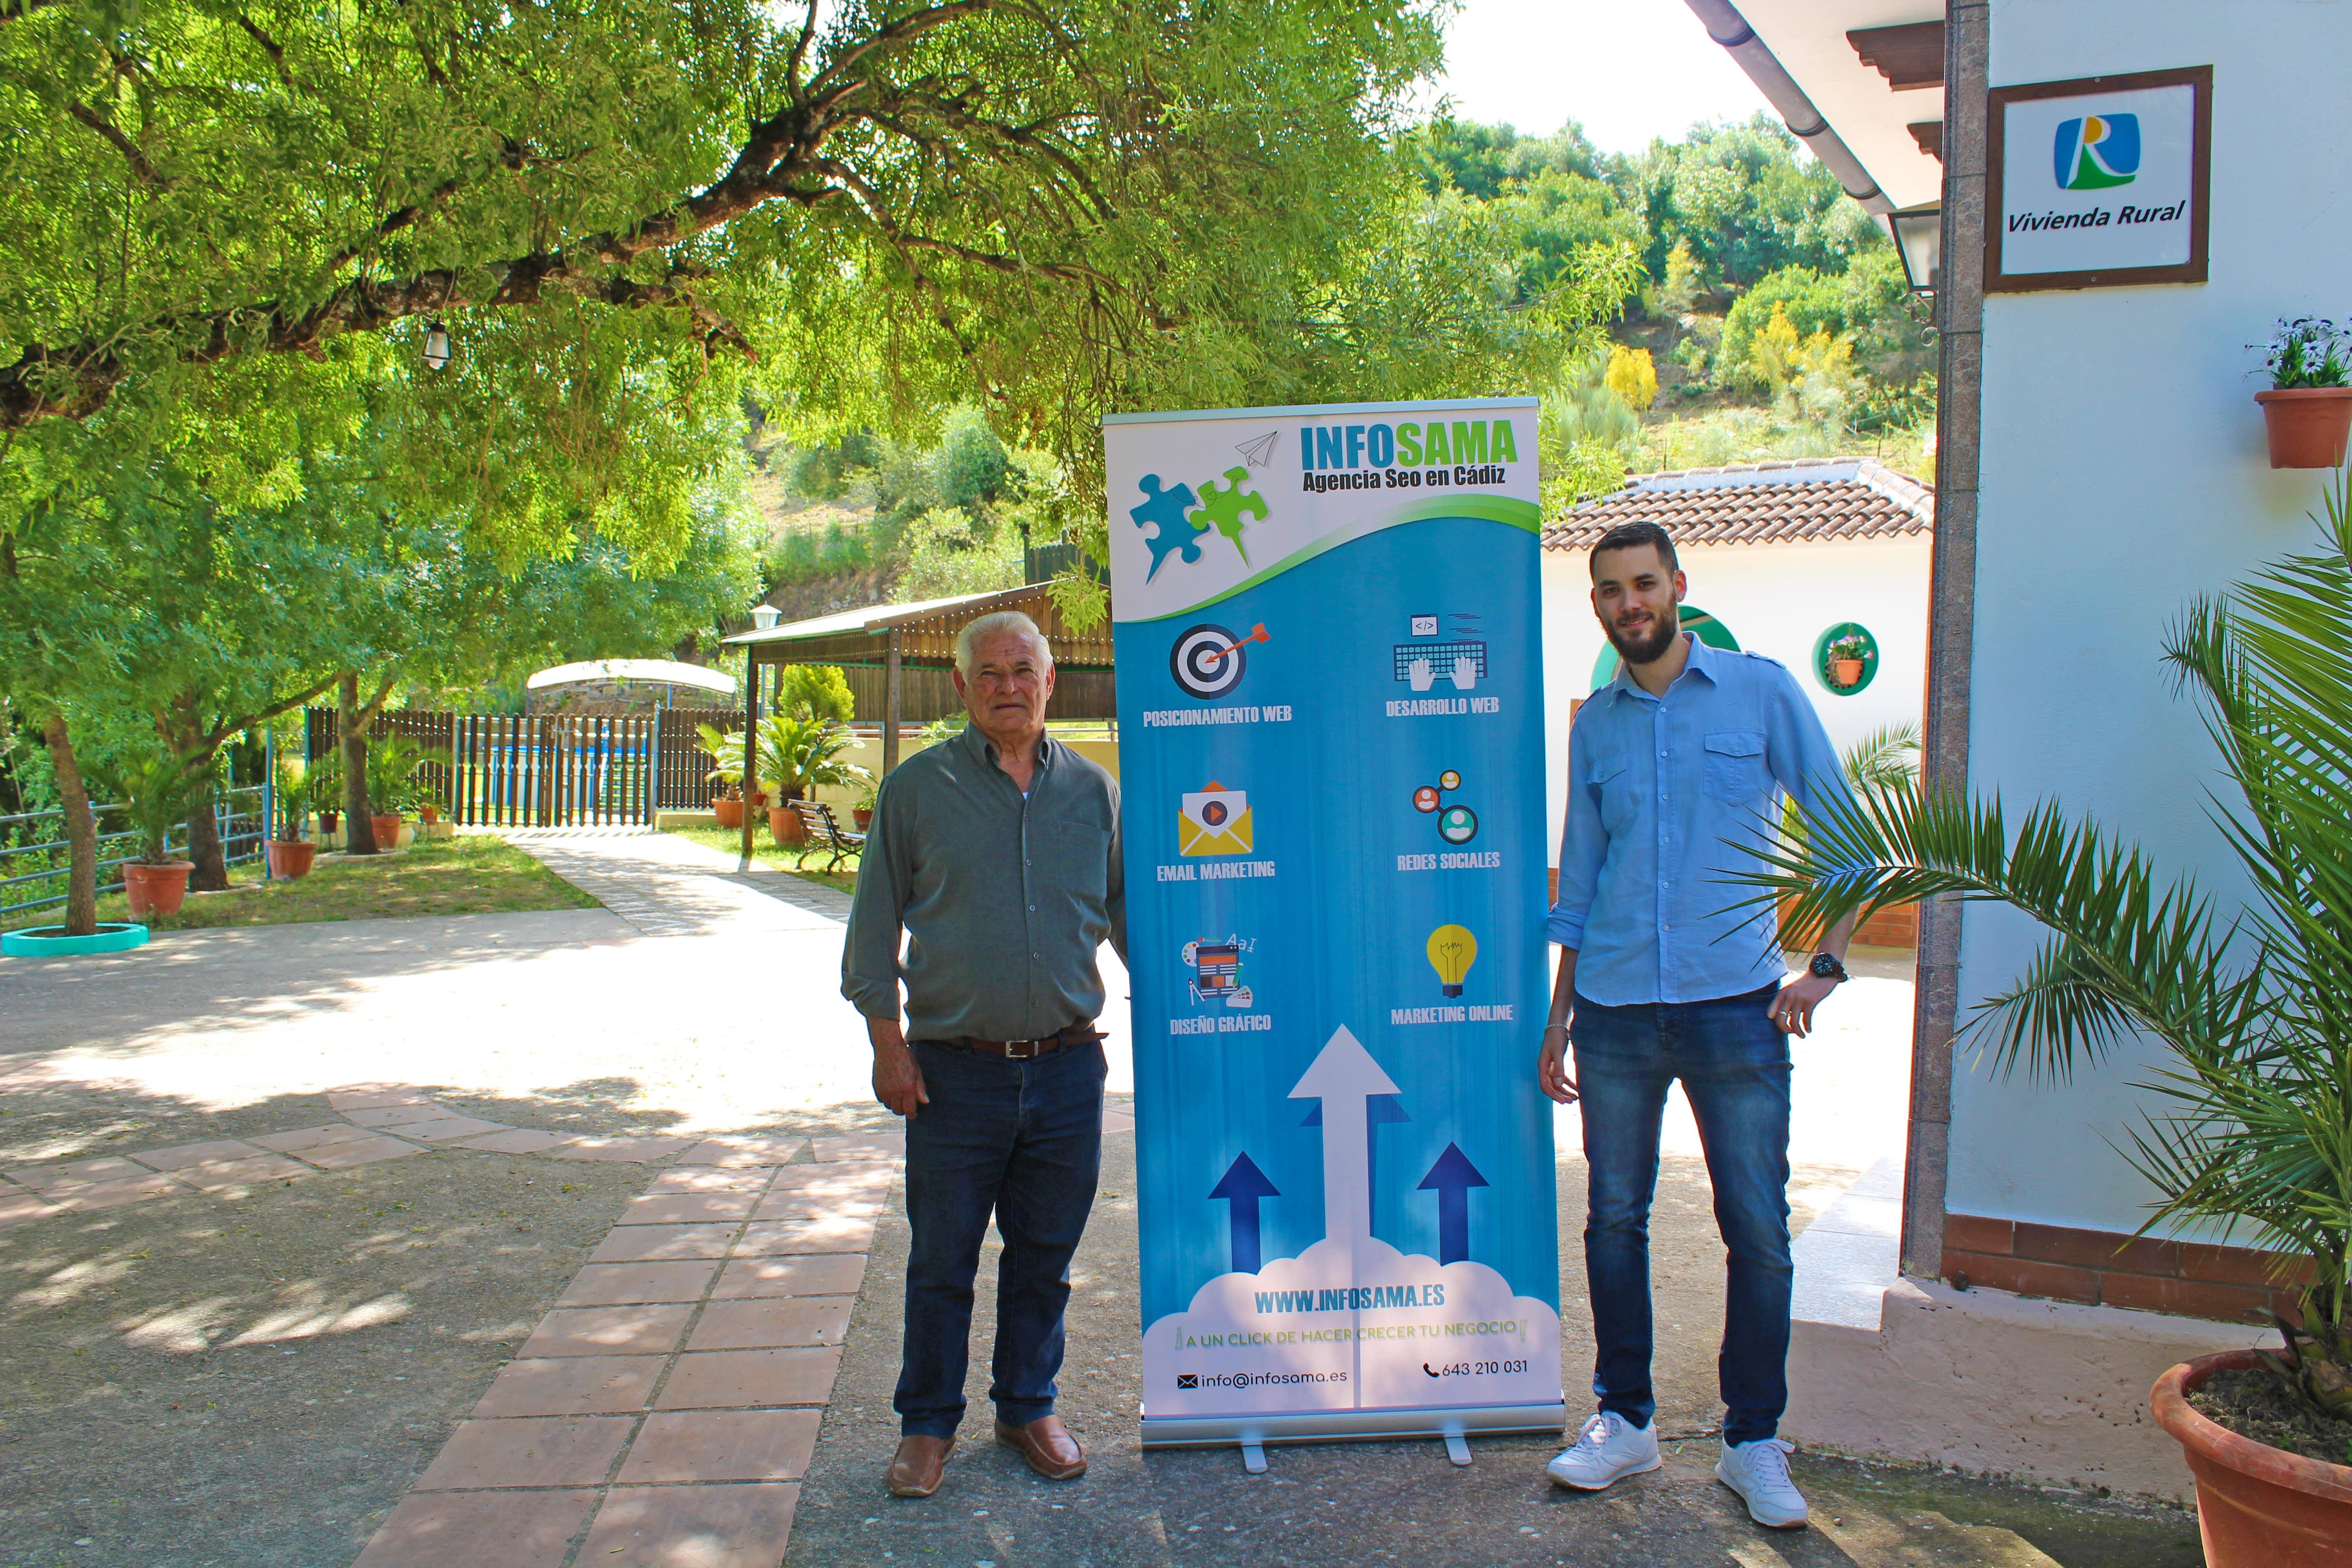 Infosama Casa Rural Villa Agua